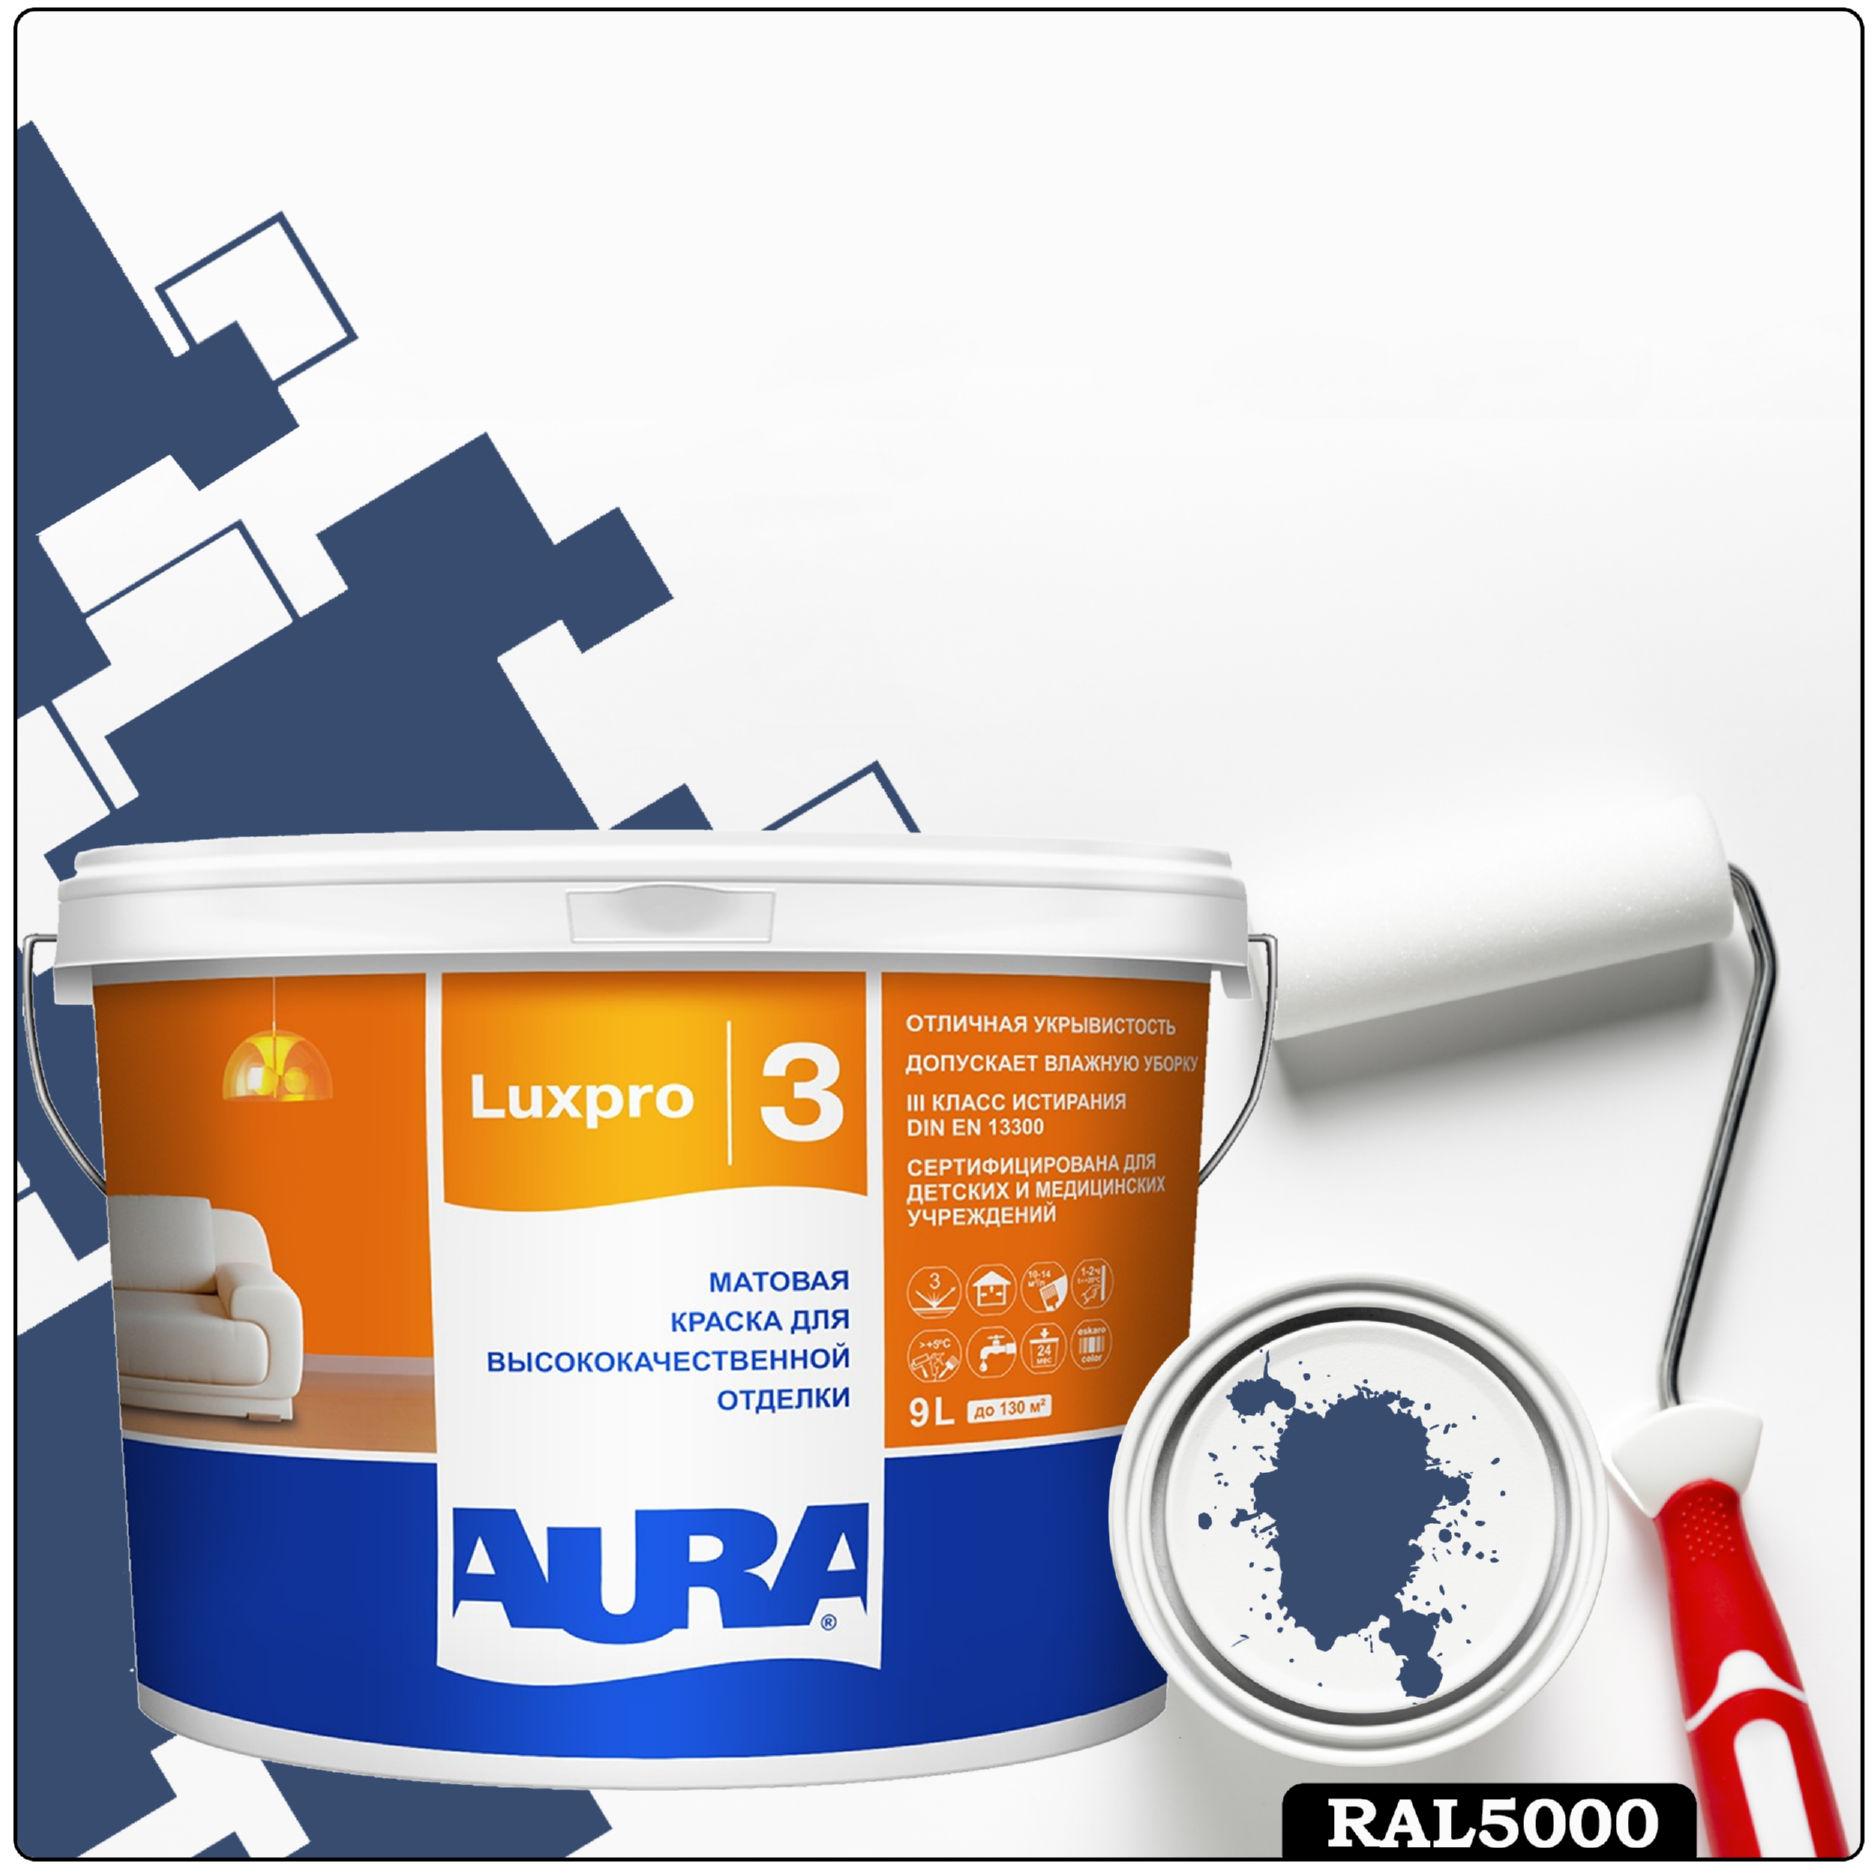 Фото 1 - Краска Aura LuxPRO 3, RAL 5000 Фиолетово-синий, латексная, шелково-матовая, интерьерная, 9л, Аура.